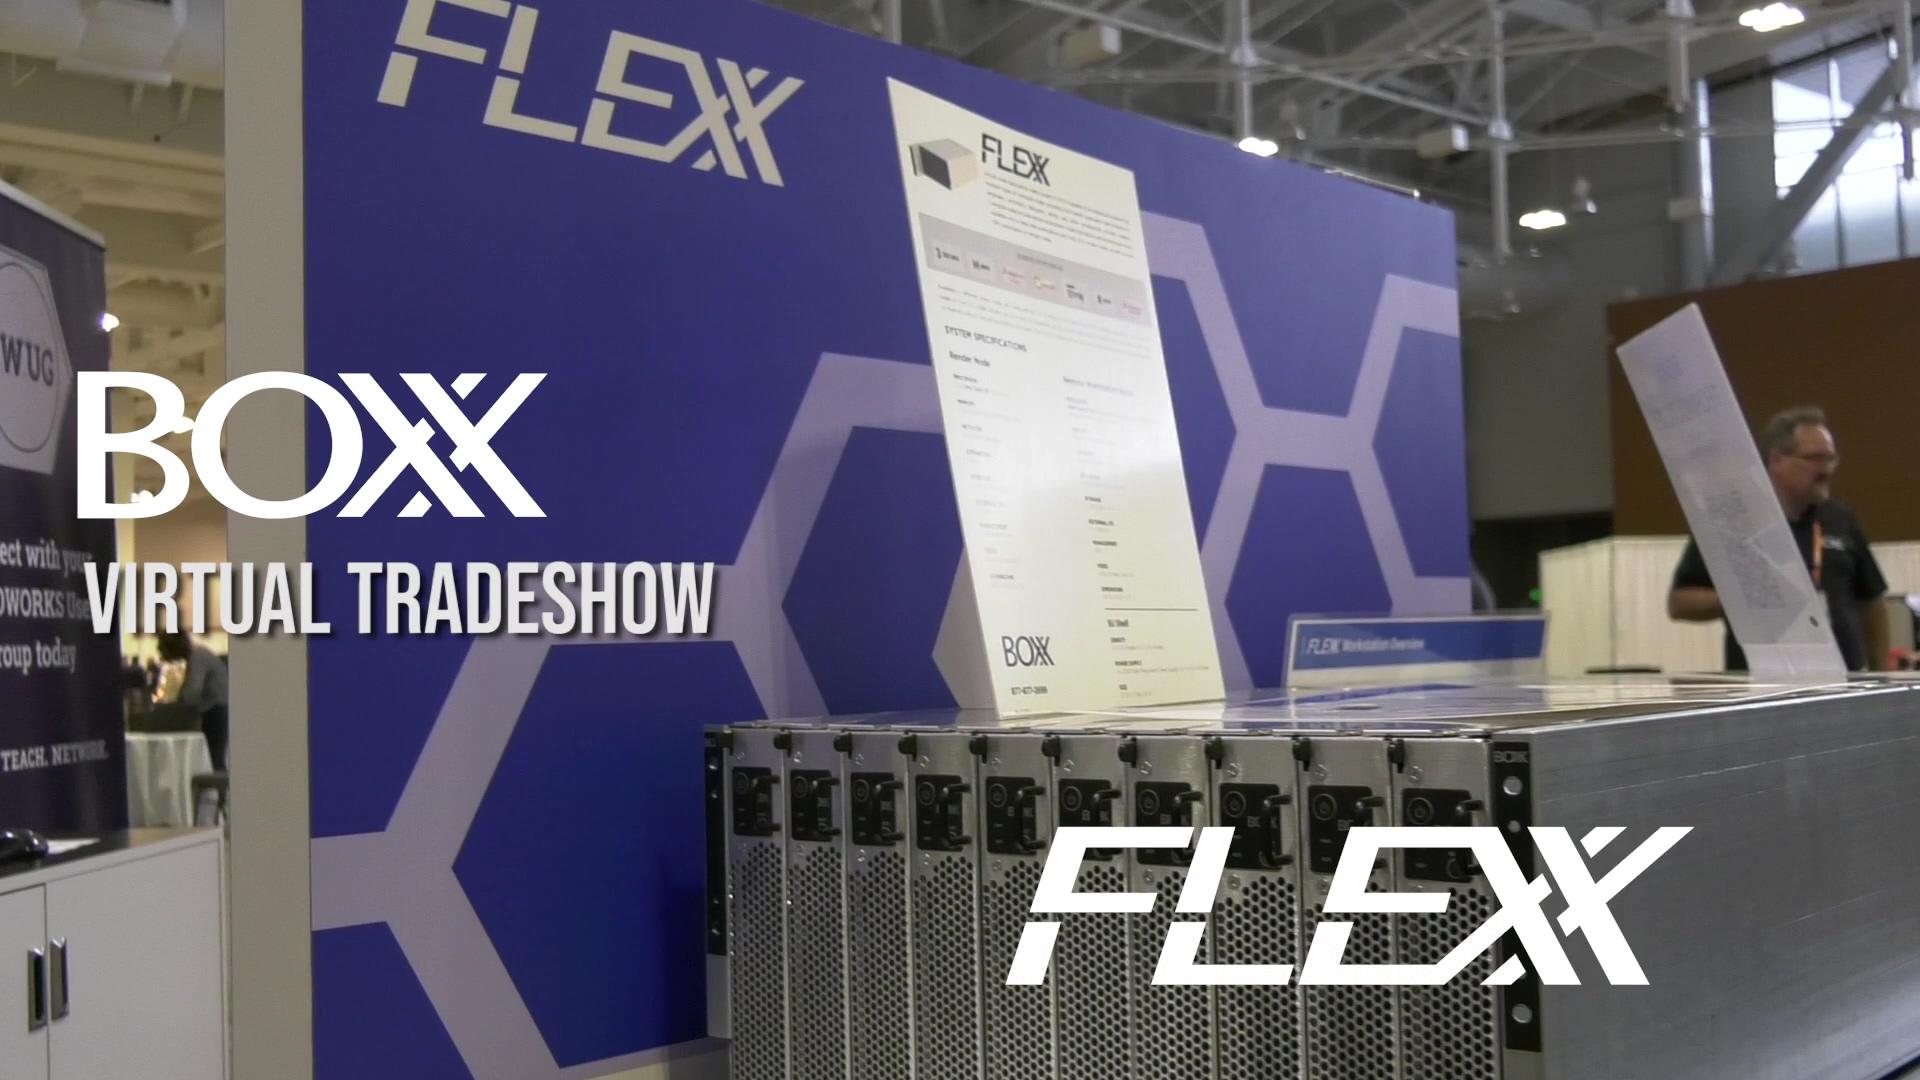 BOXX FLEXX Video - Virtual tradeshow FLEXX